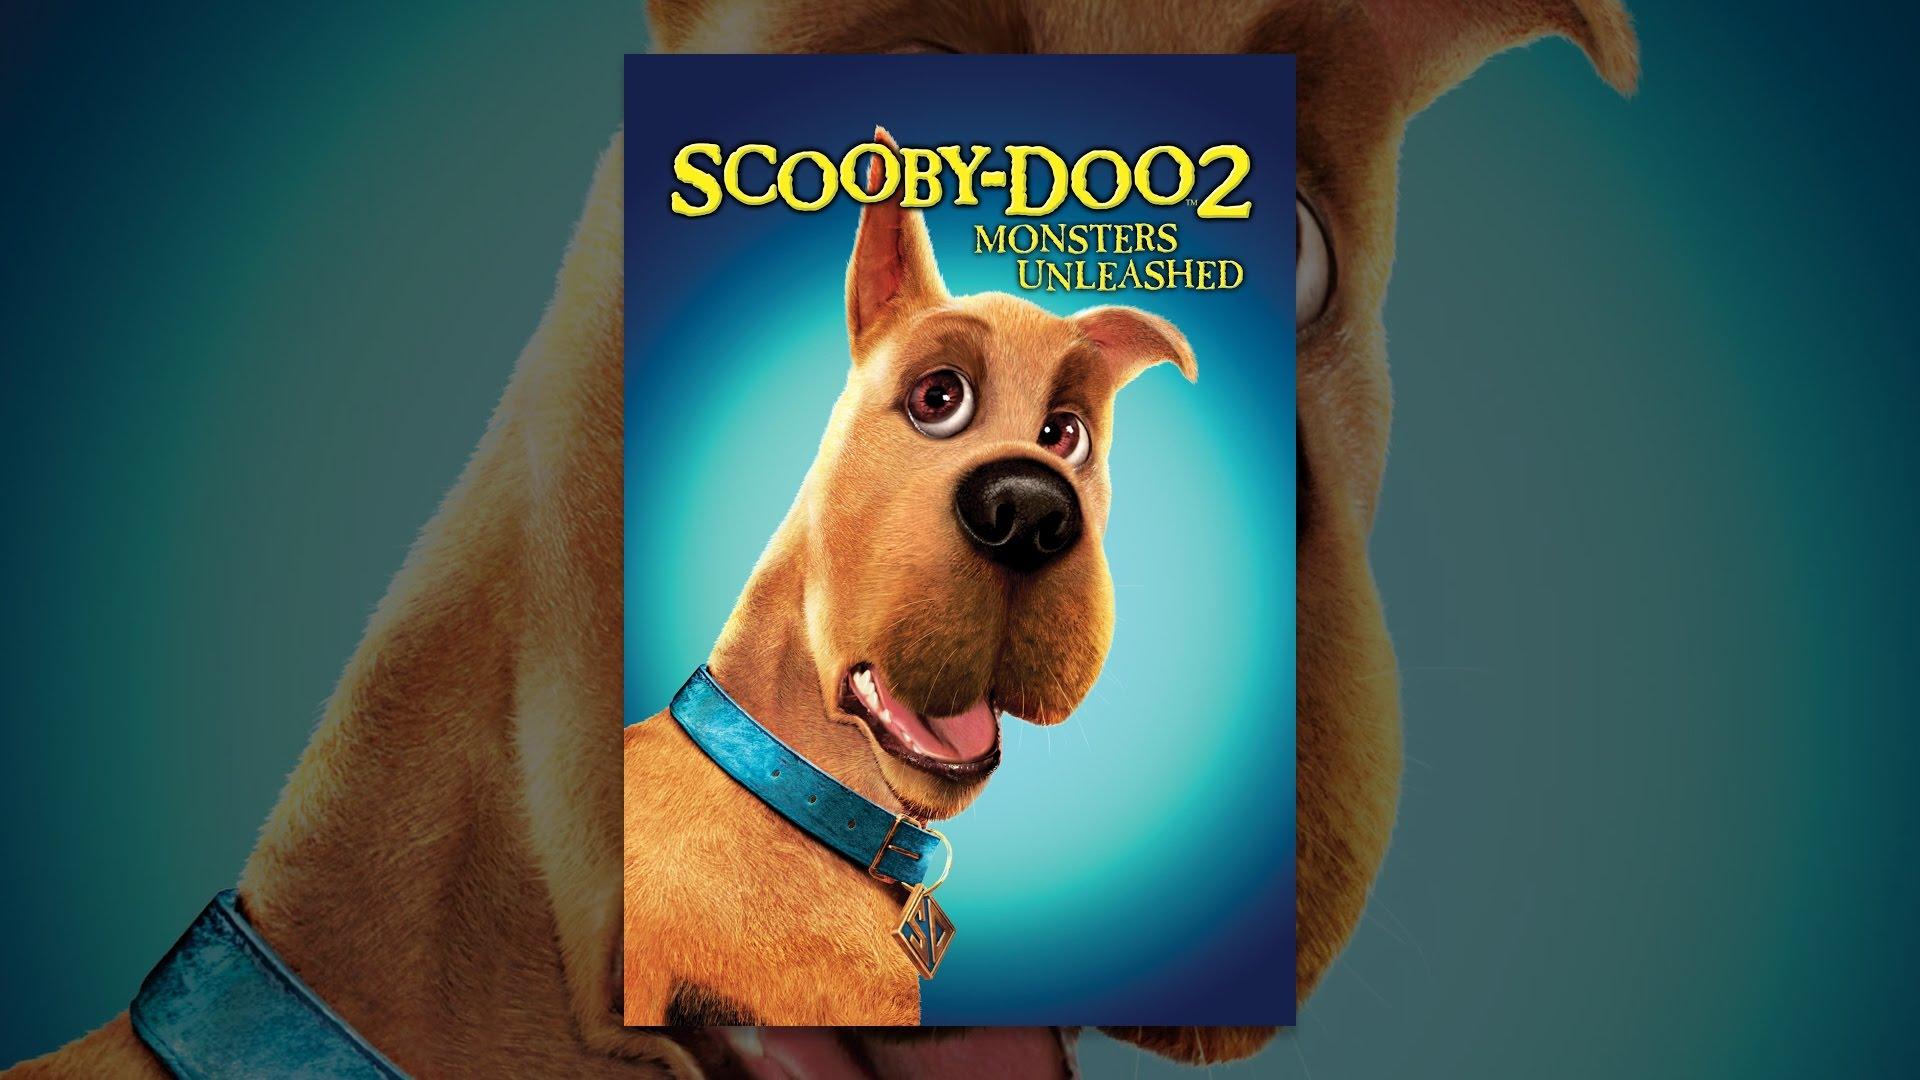 Scooby Doo 2